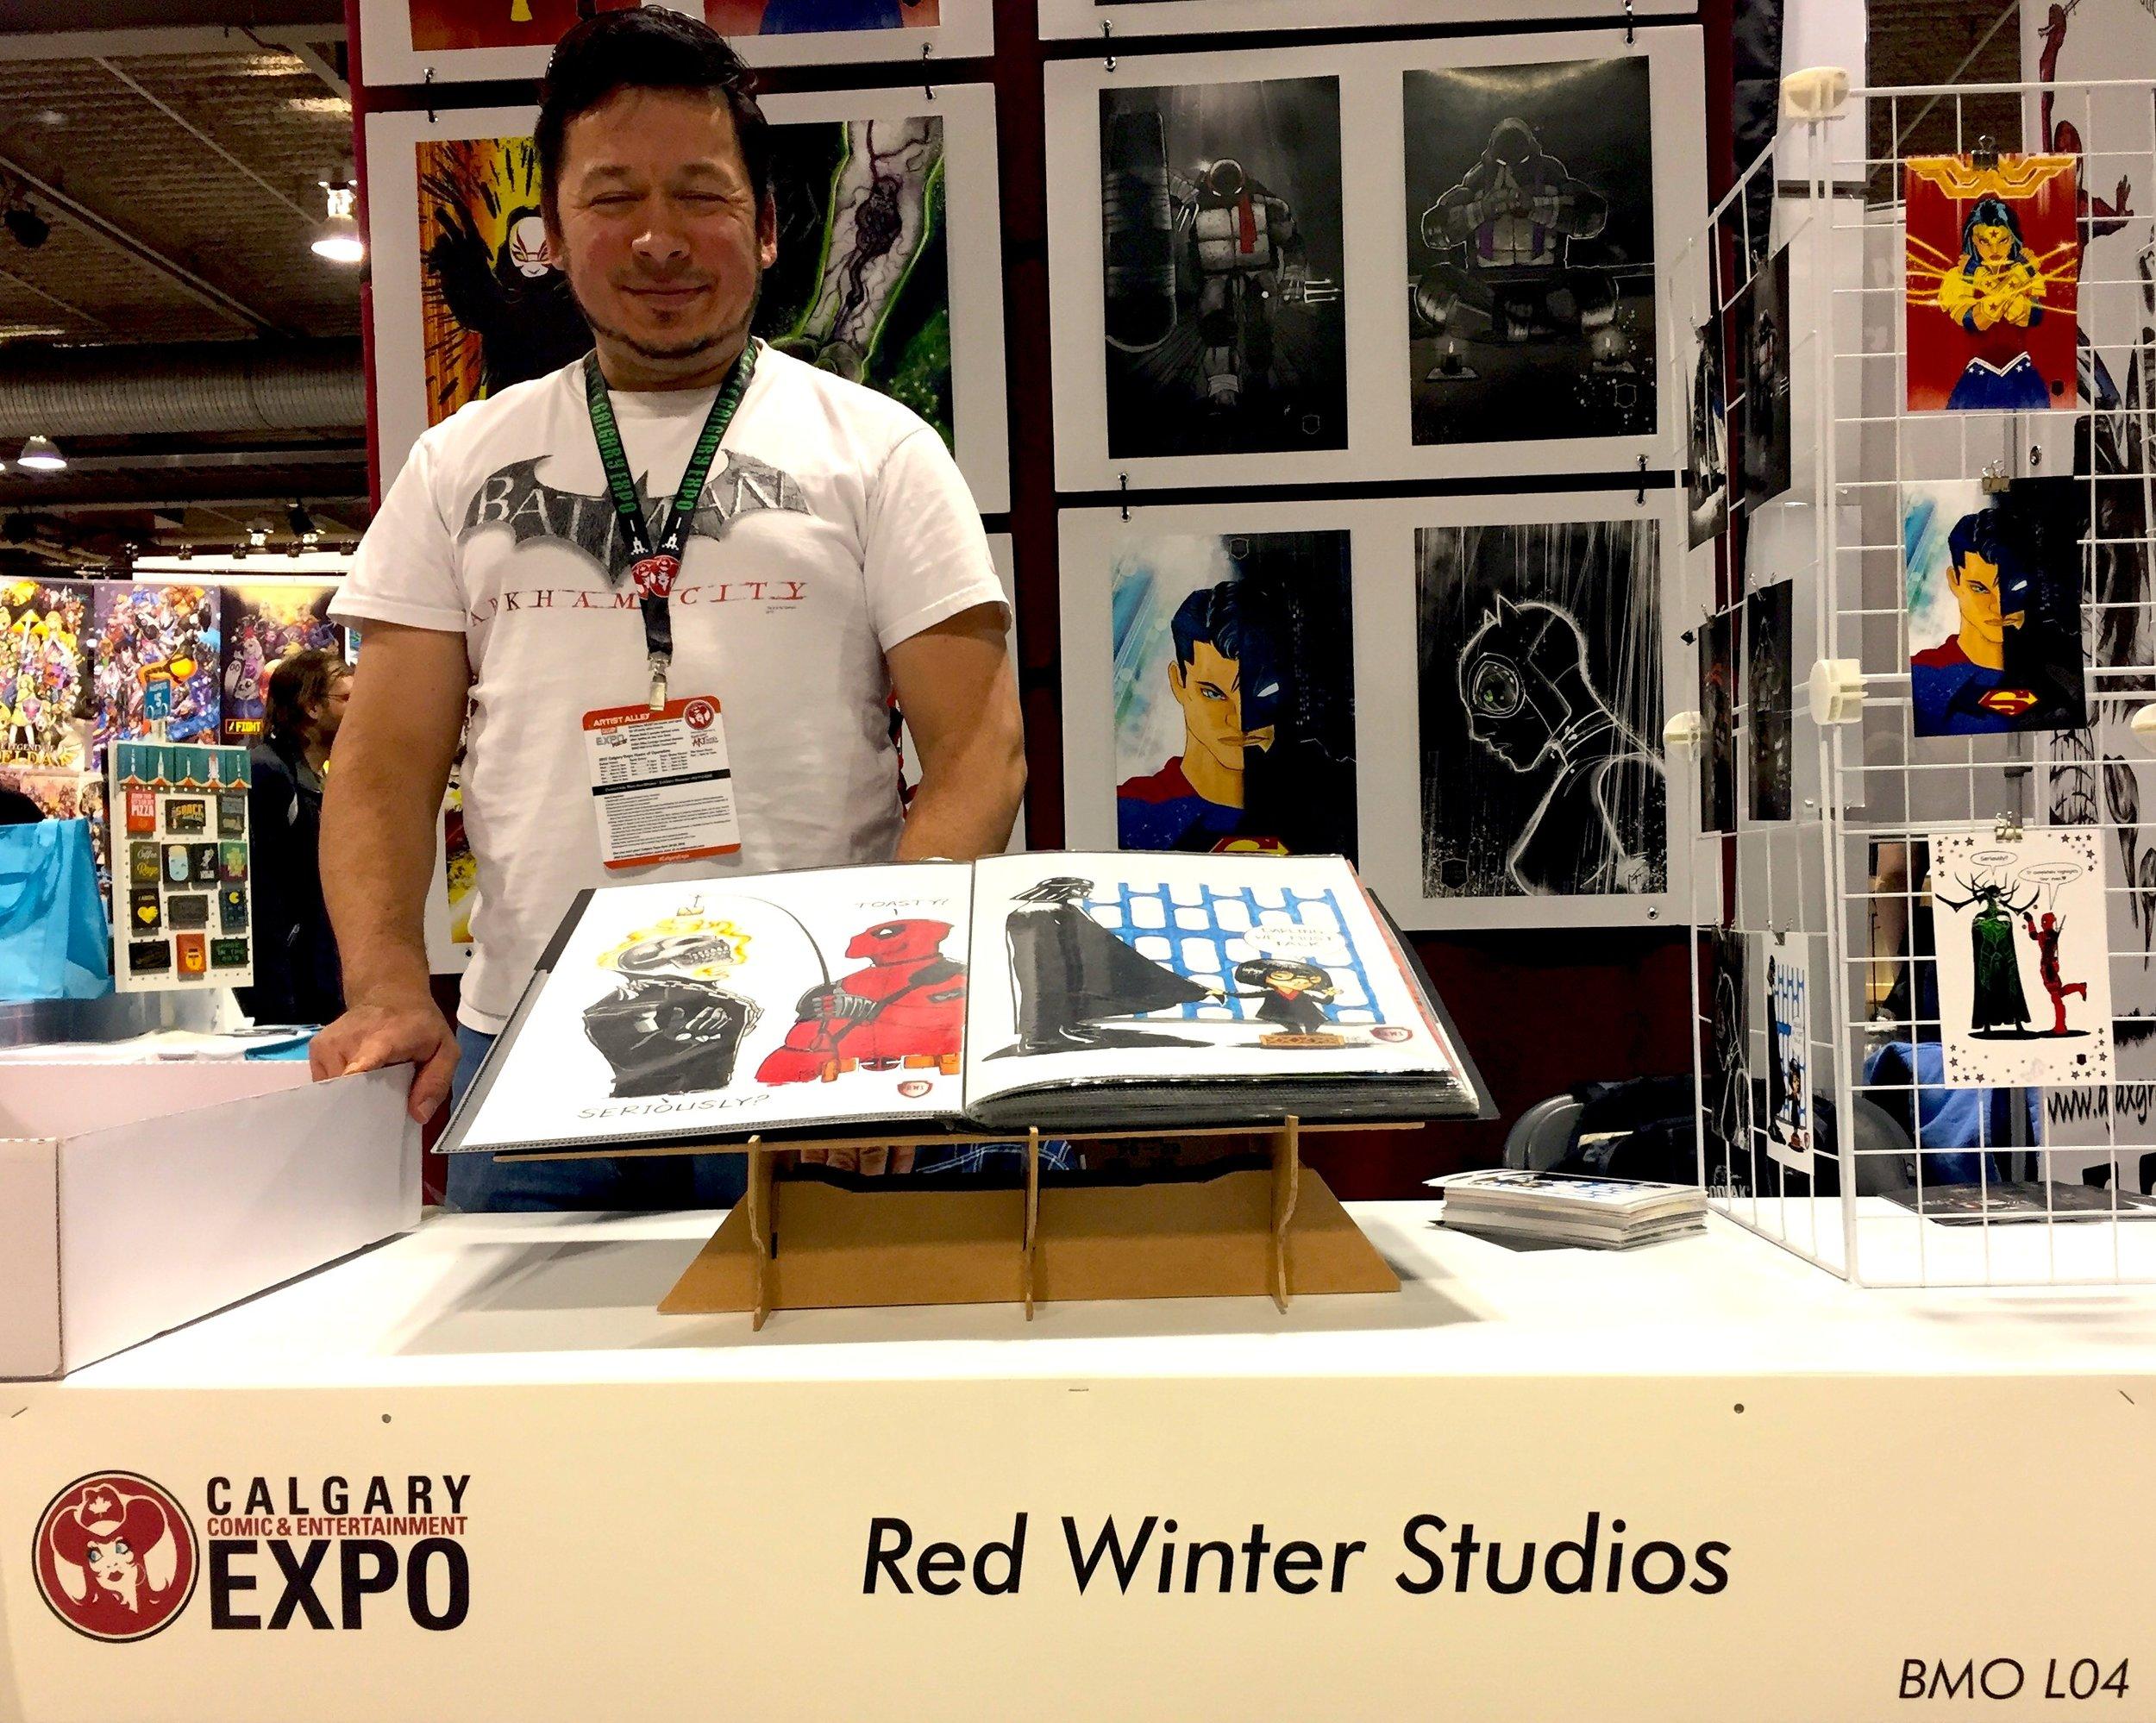 Red Winter Studios - Booth L04 (Photo credit: Chris Doucher/GeekNerdNet.com)